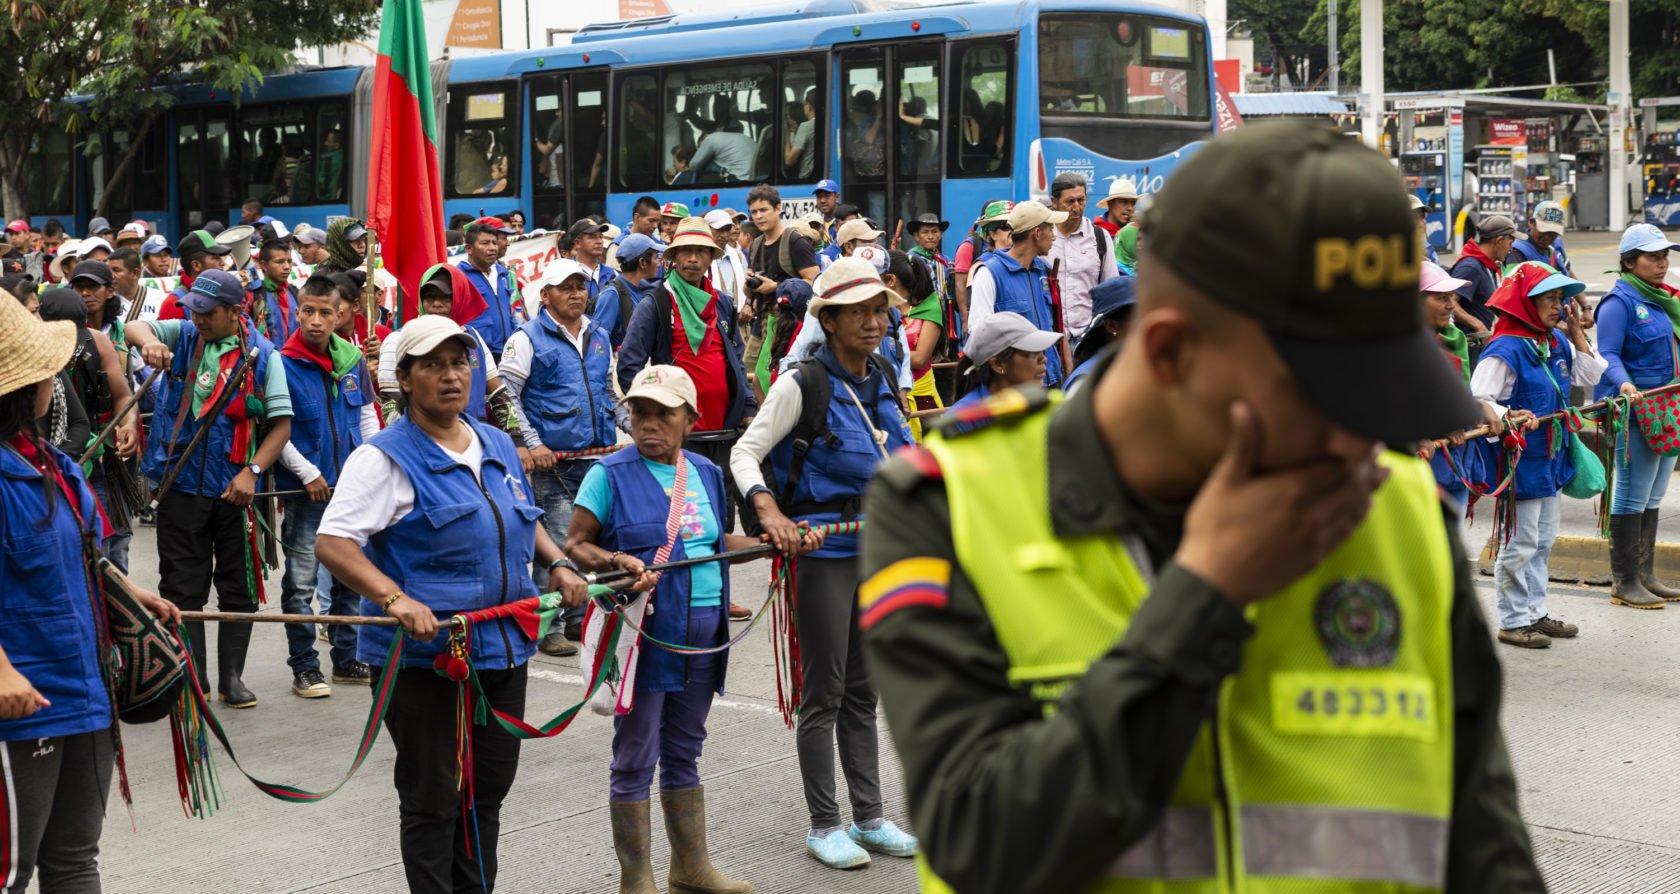 Colombiaanse veiligheidsdiensten viseren mensenrechtenverdedigers